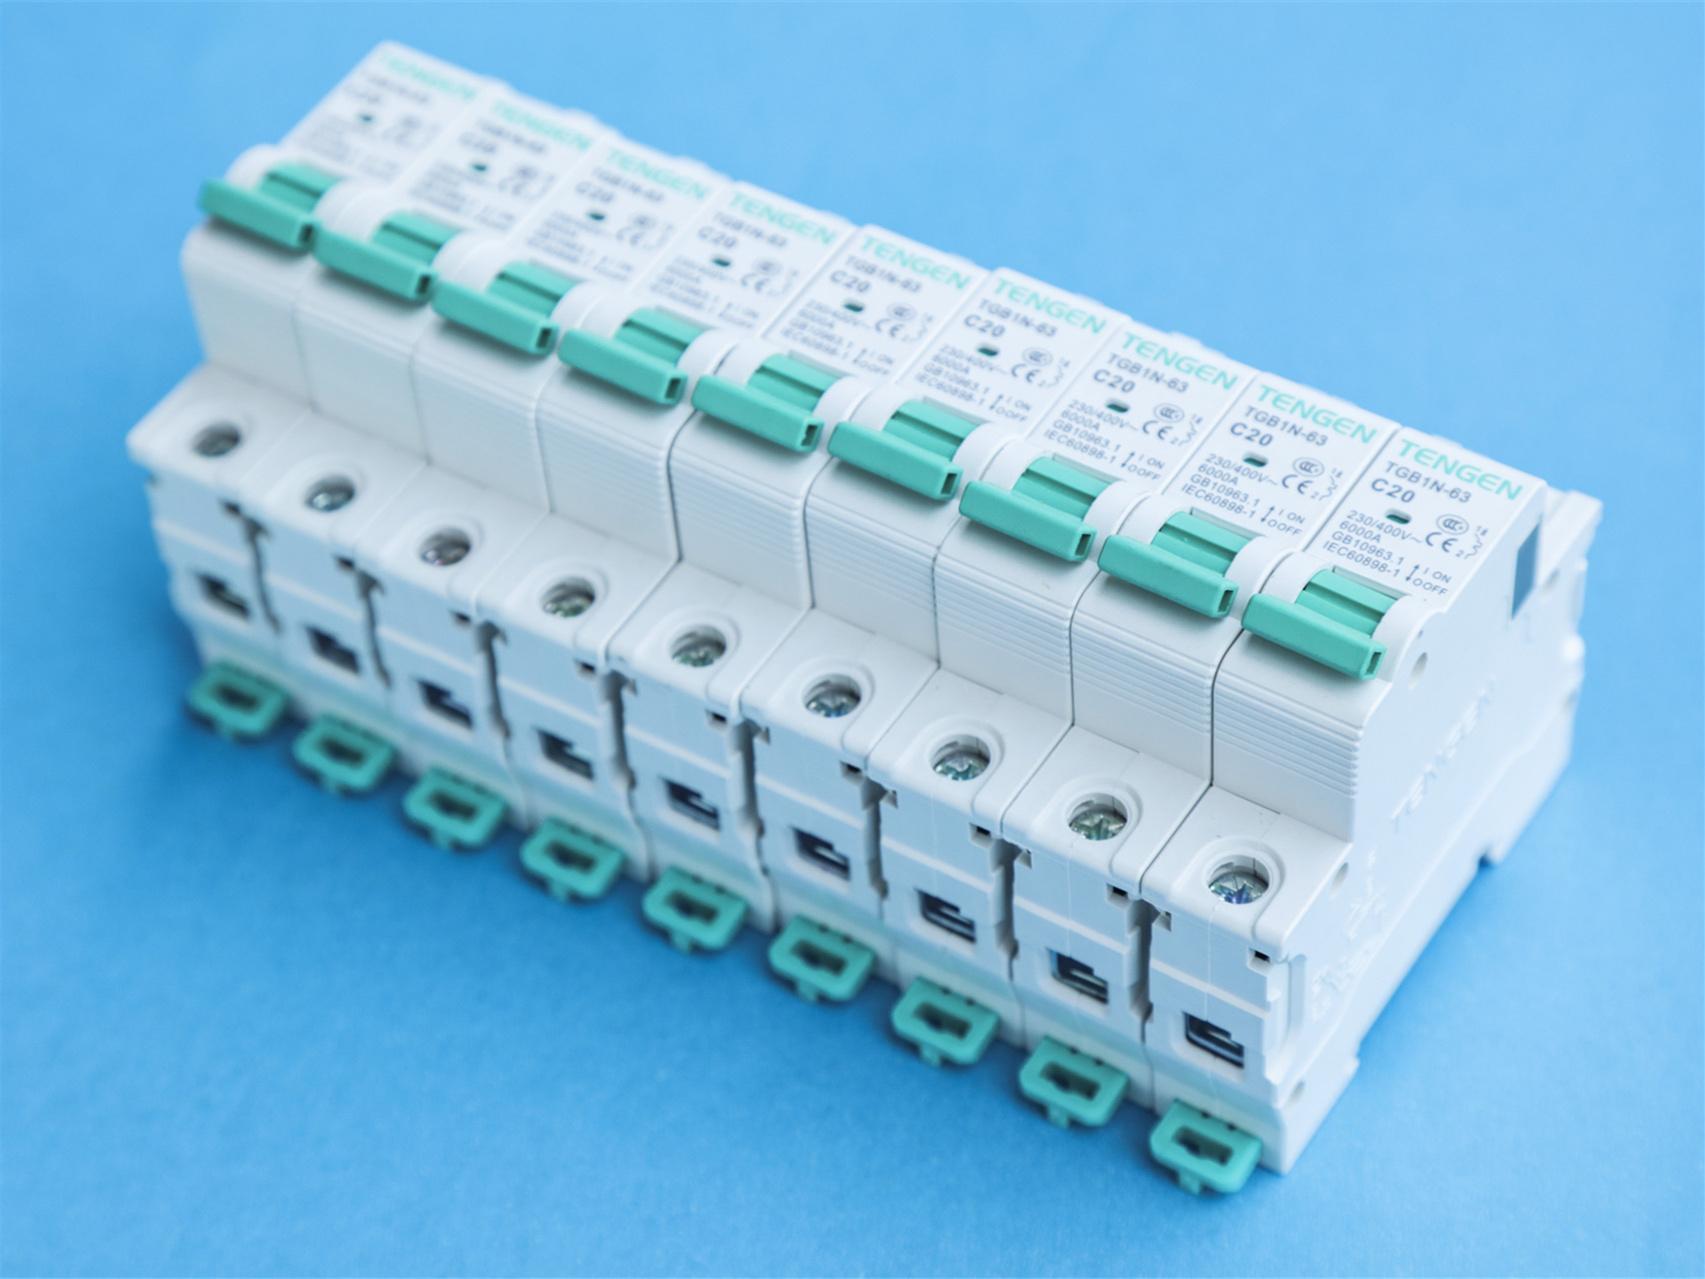 断路器的作用是什么 断路器的种类分为什么?